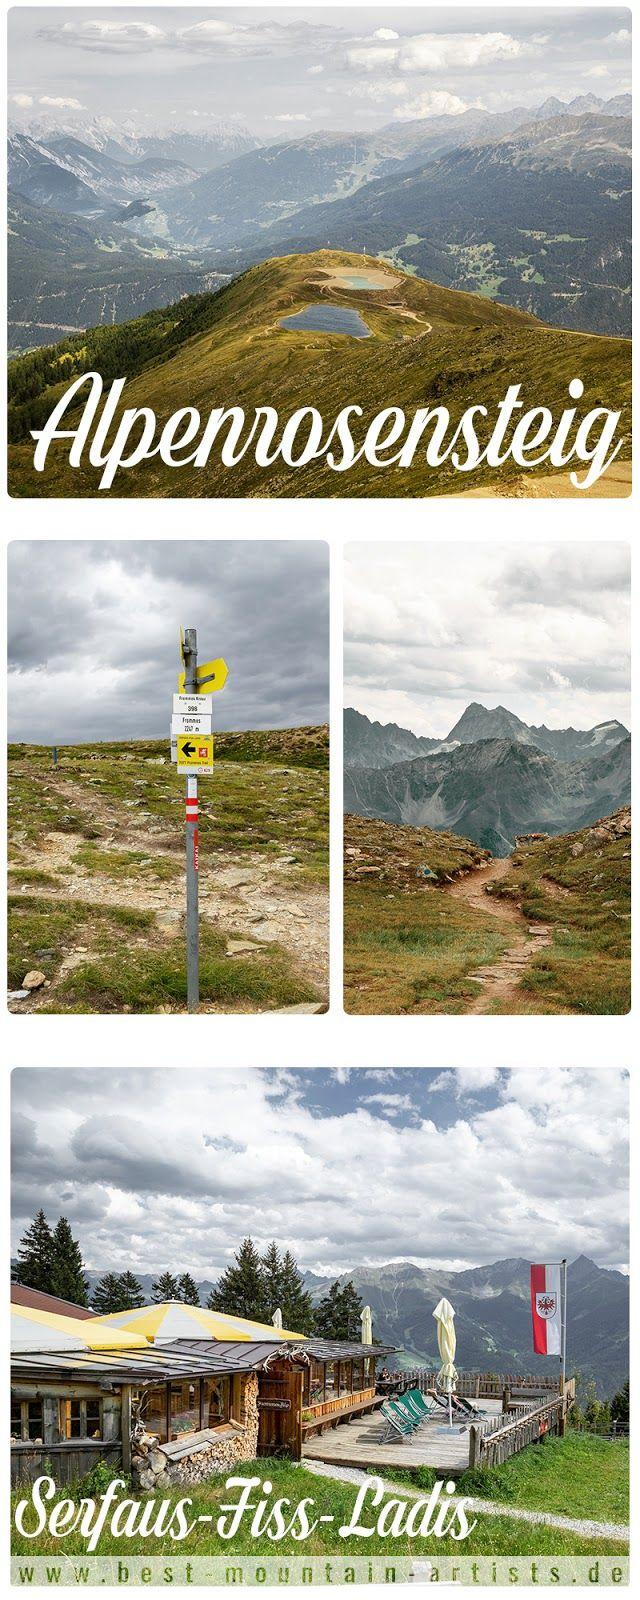 Alpenrosensteig vom Fisser Joch nach Fiss | Wanderung Serfaus-Fiss-Ladis | Wandern Tirol Österreich - Hike Tyrol